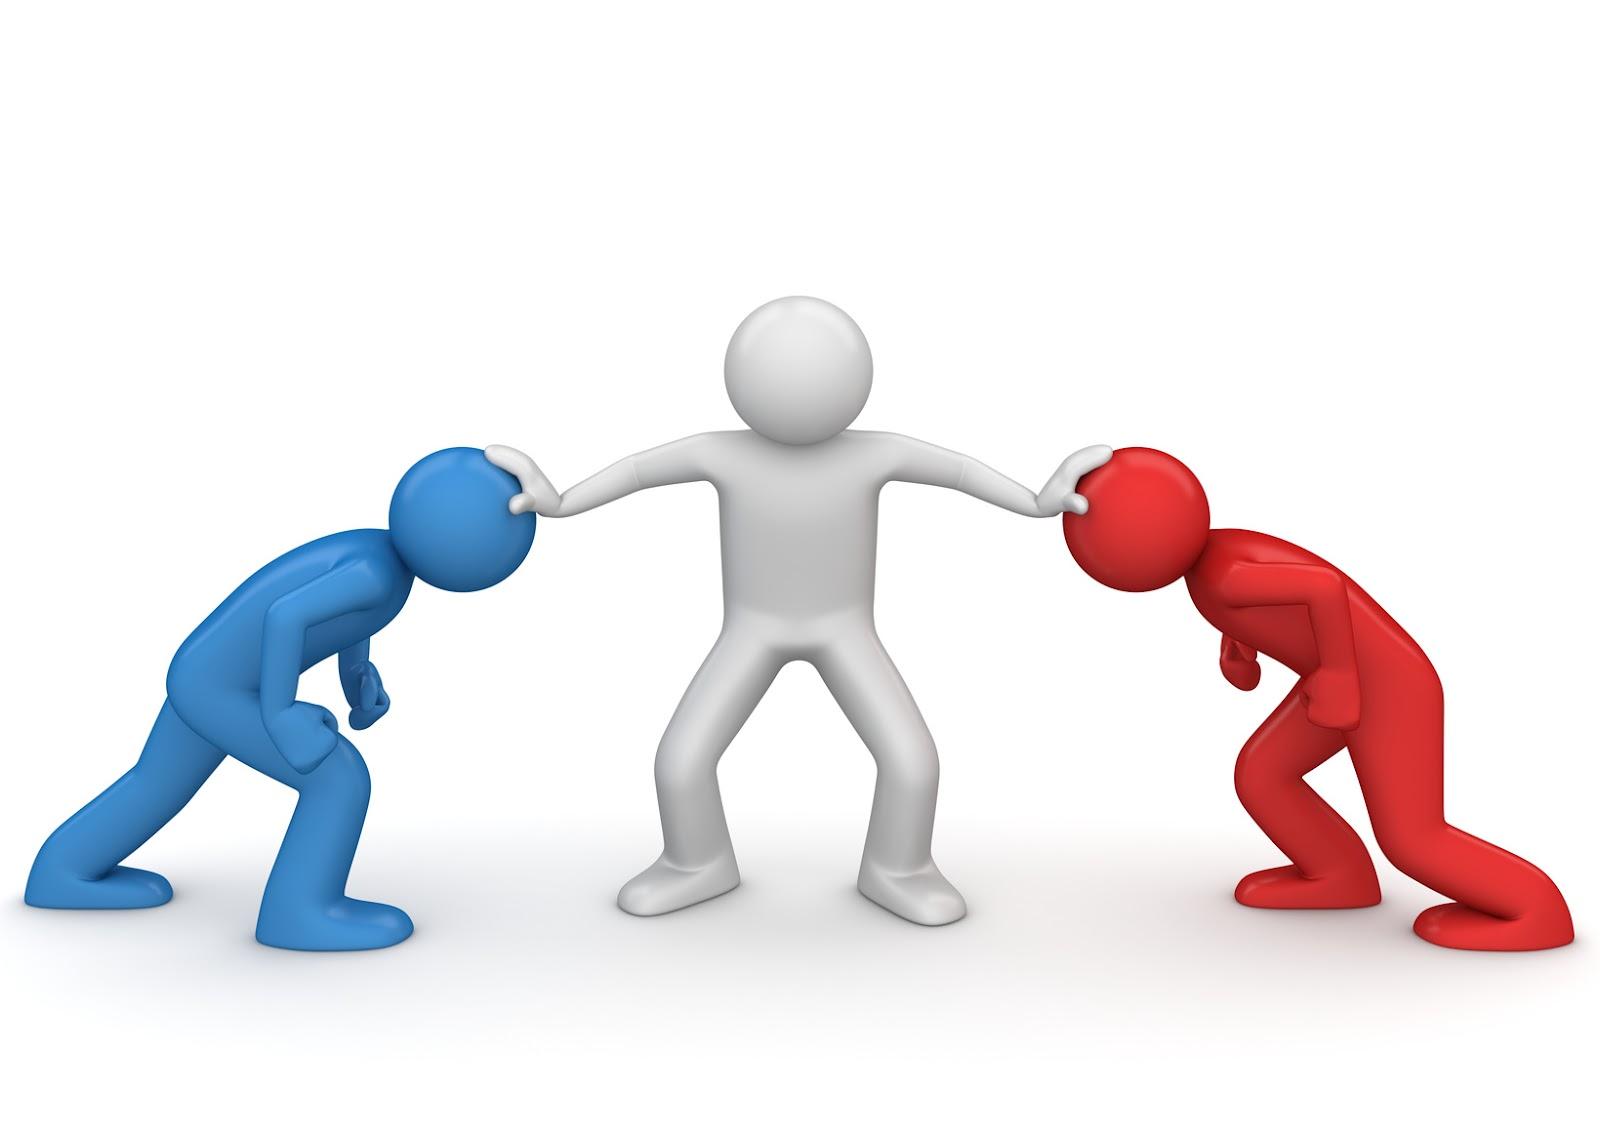 Prevenzione dei conflitti tramite mediazione